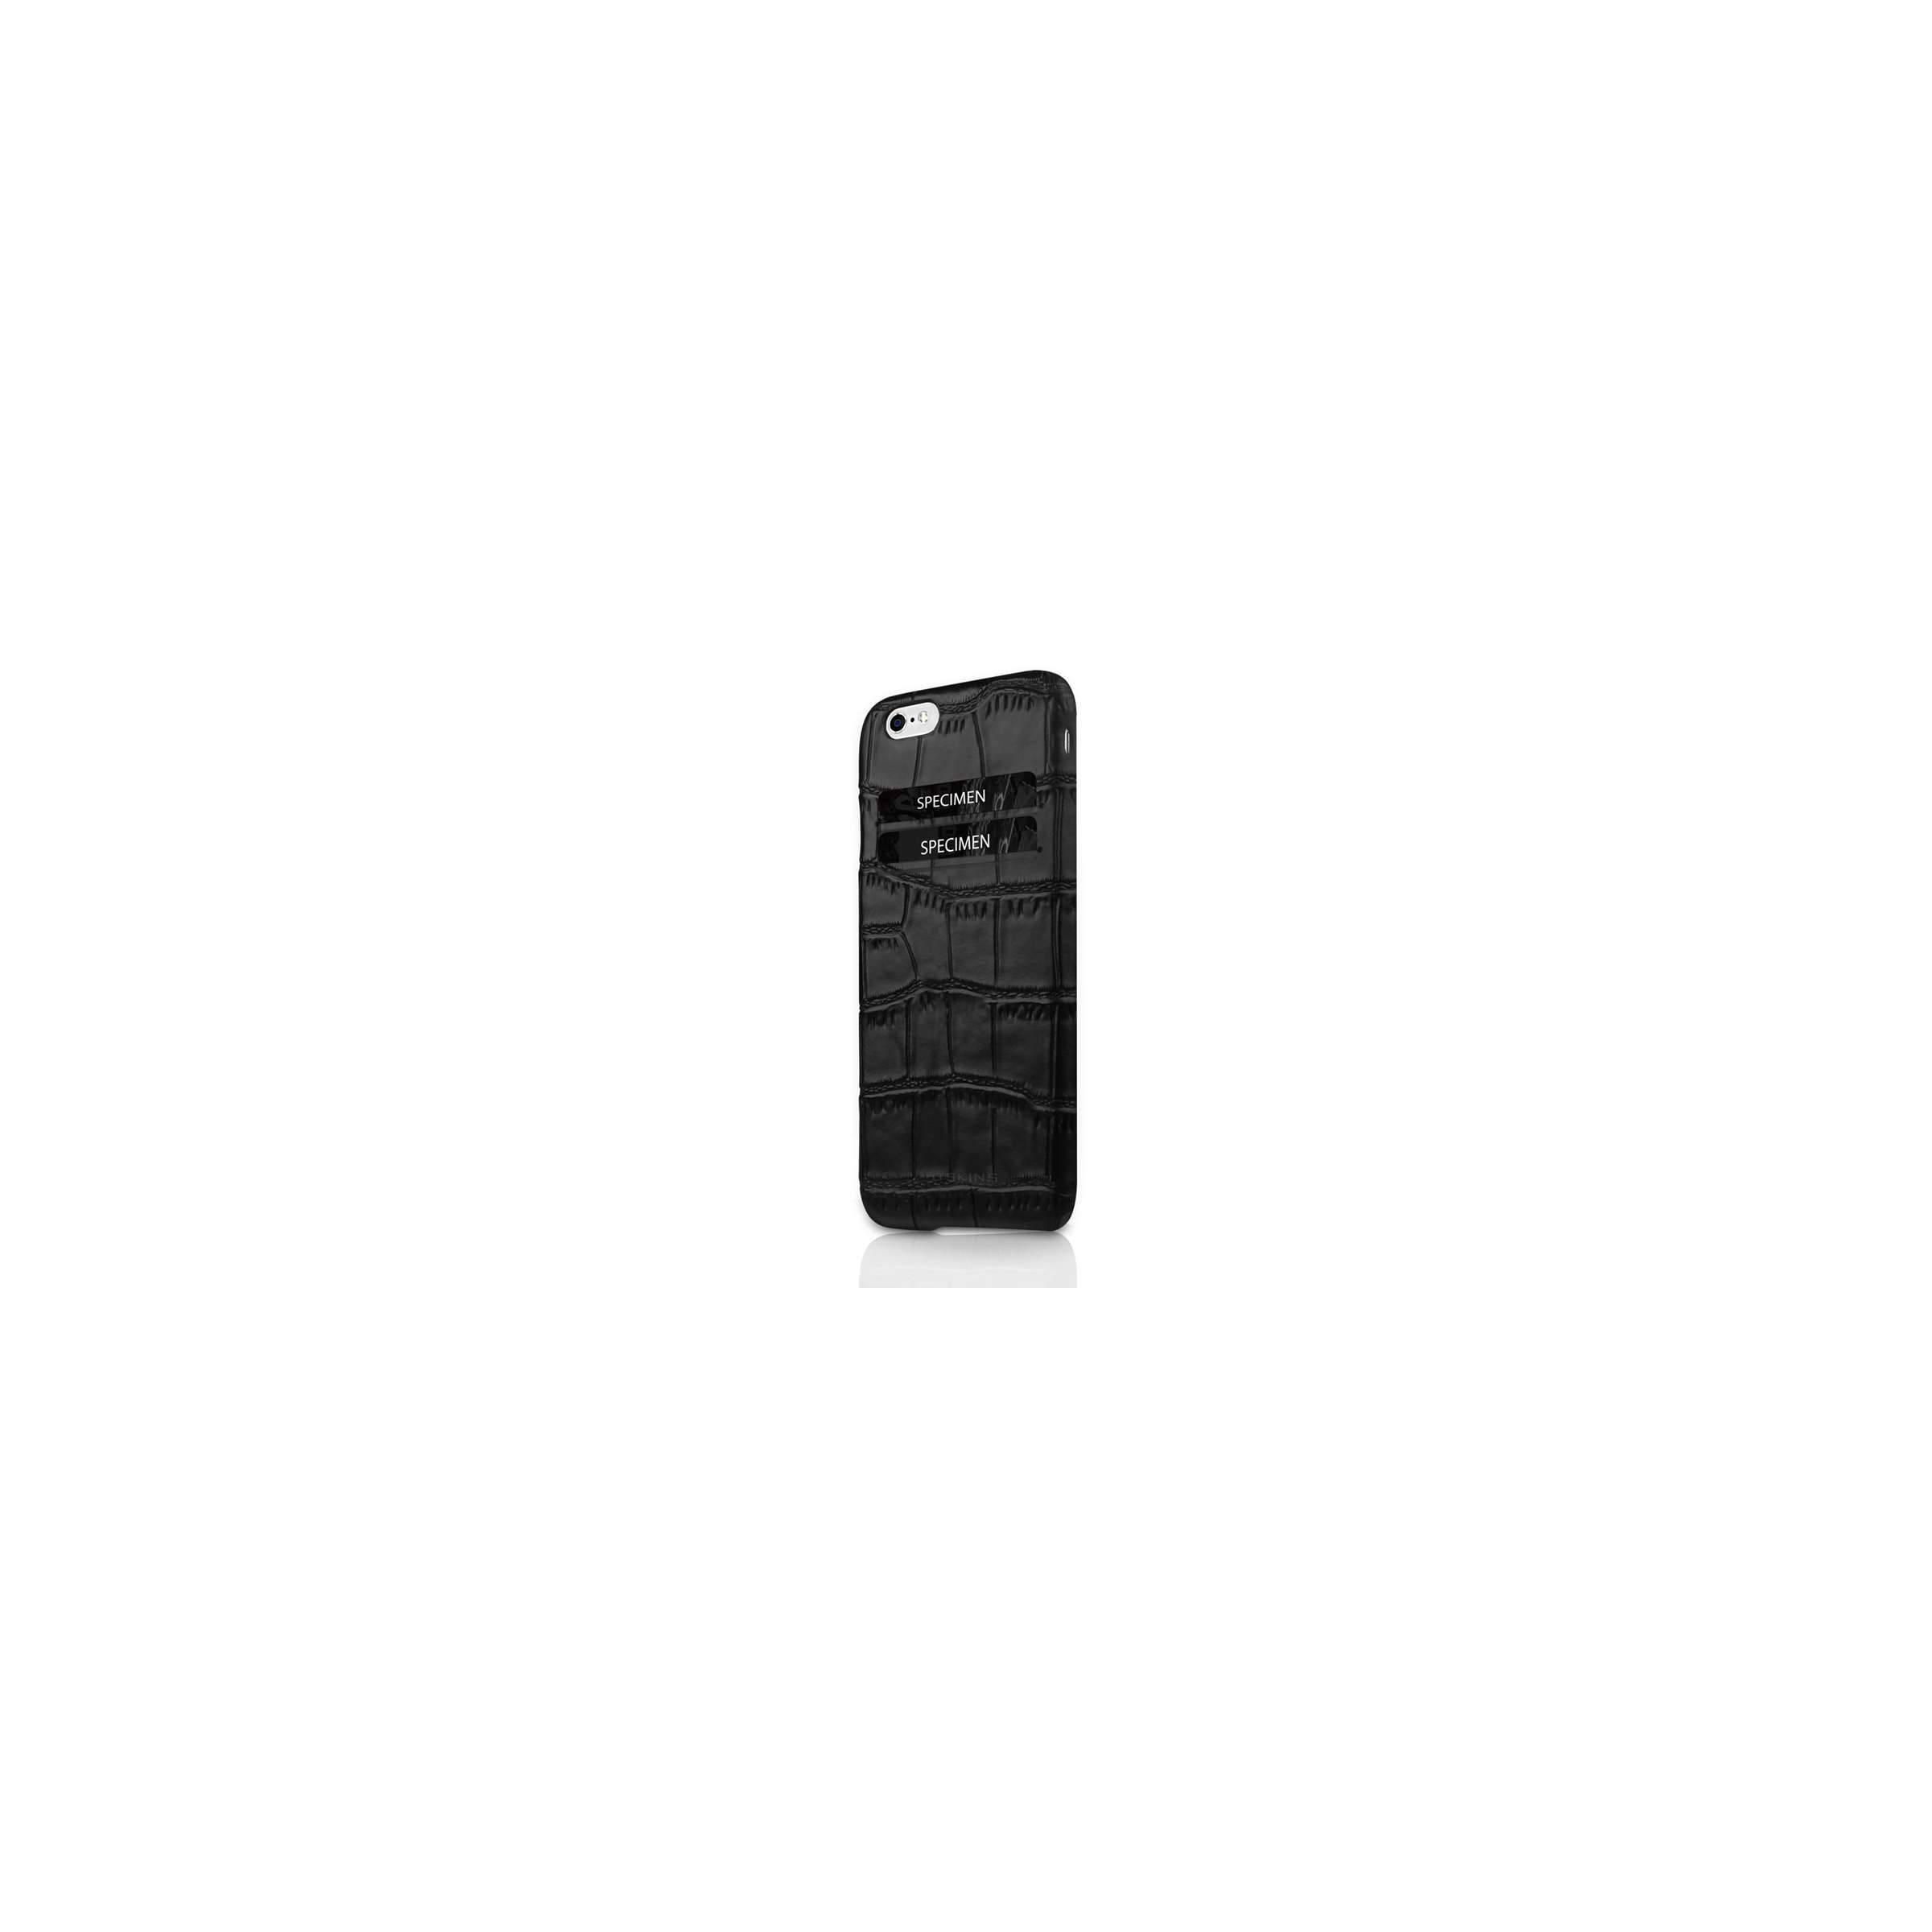 Iphone6/6s/7/8 plus lædercover med kortplads fra itskins fra mackabler.dk